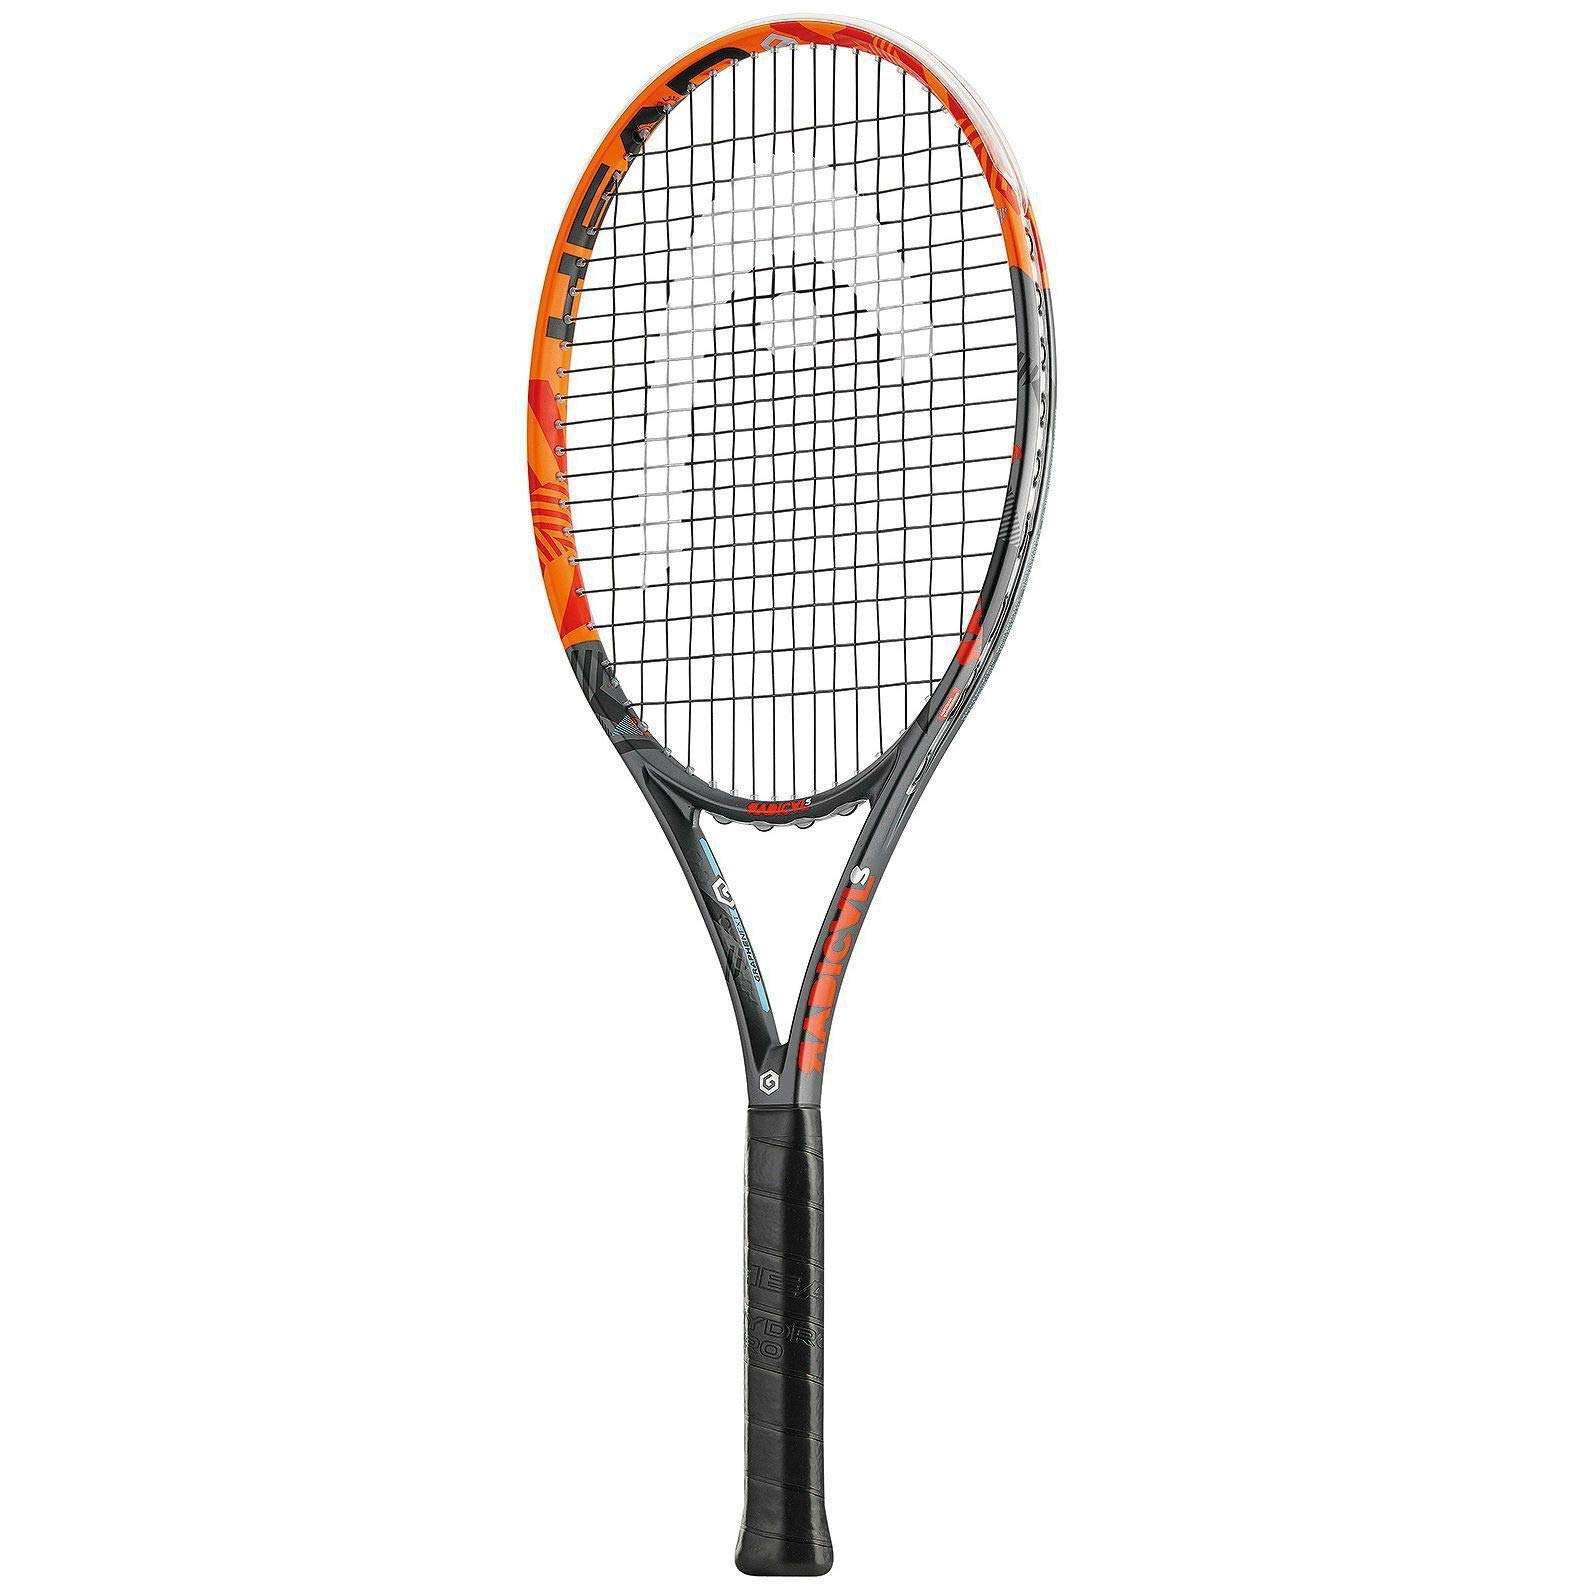 HEAD Graphene XT Radical S Tennis Racquet, Unstrung, 4 1/8 Inch Grip